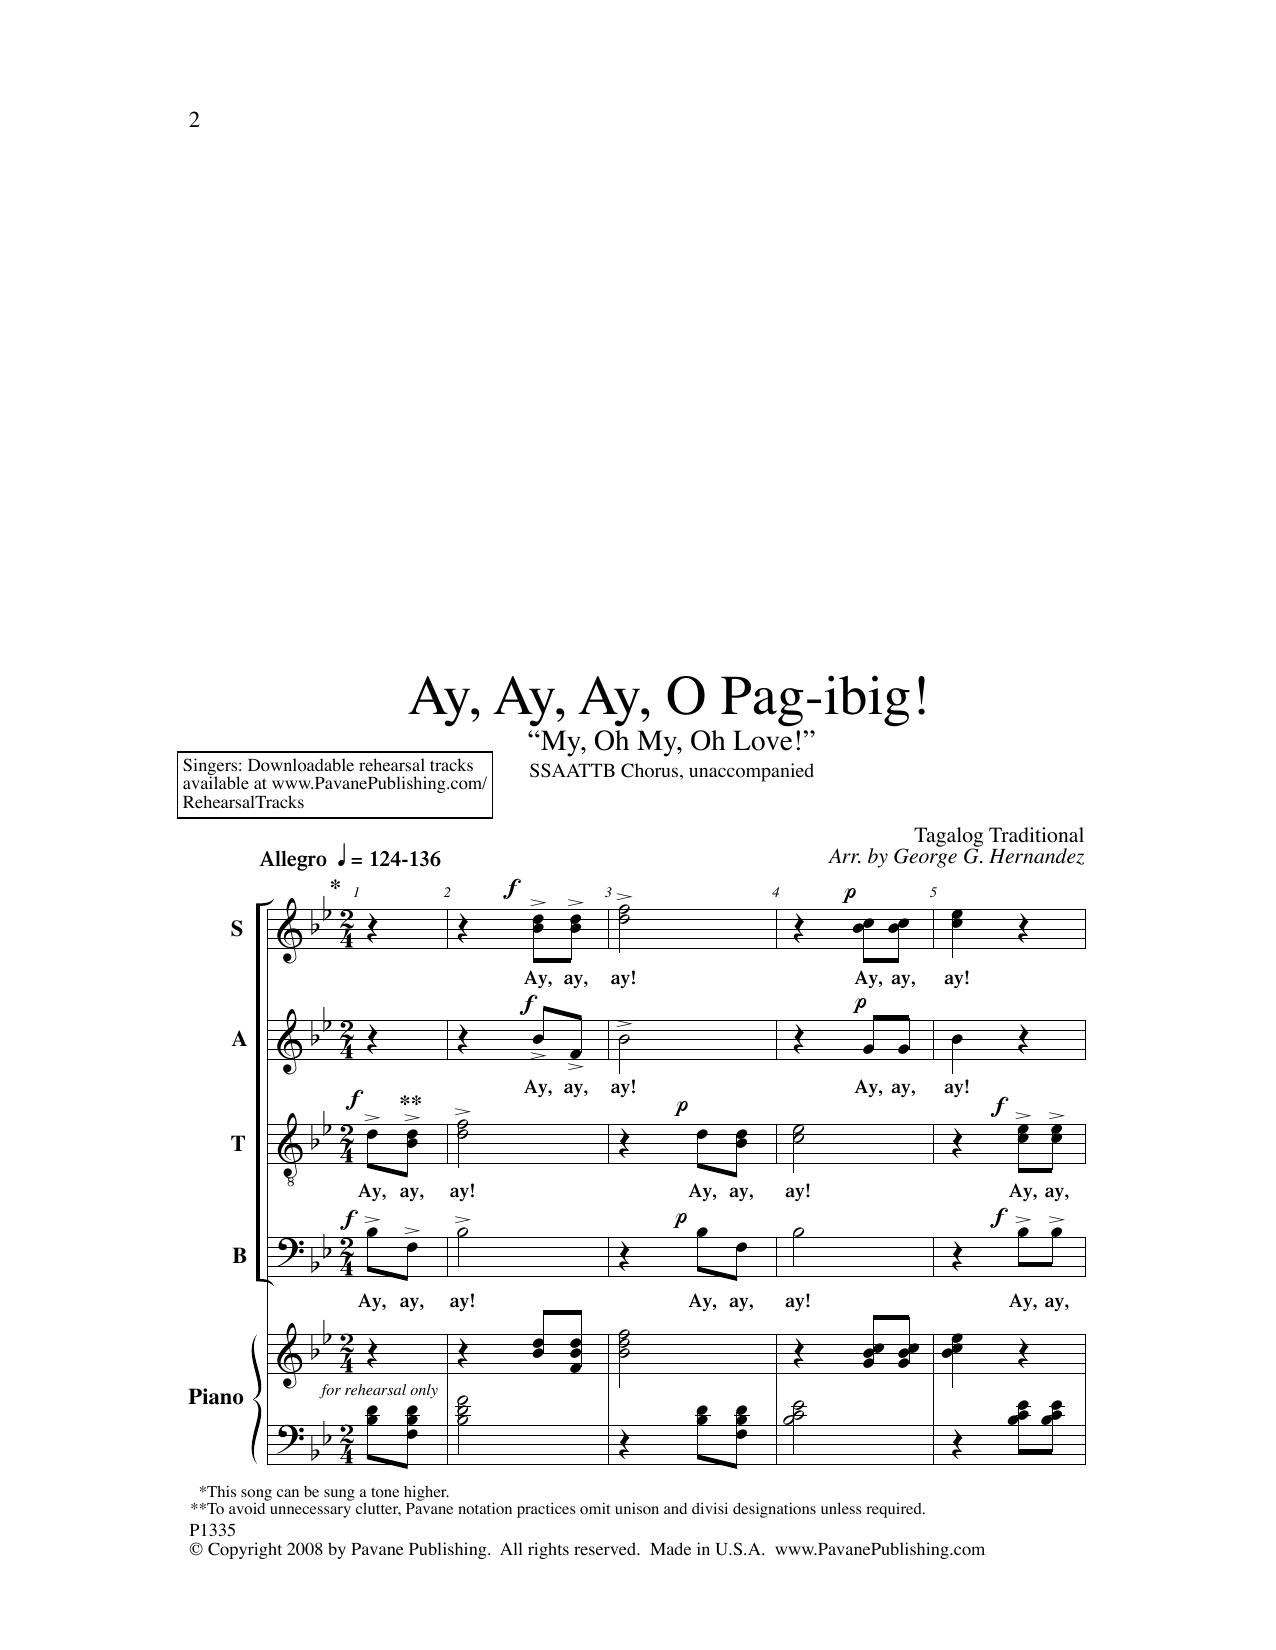 George Hernandez Ay, Ay, Ay, O Pag-ibig! sheet music notes and chords. Download Printable PDF.